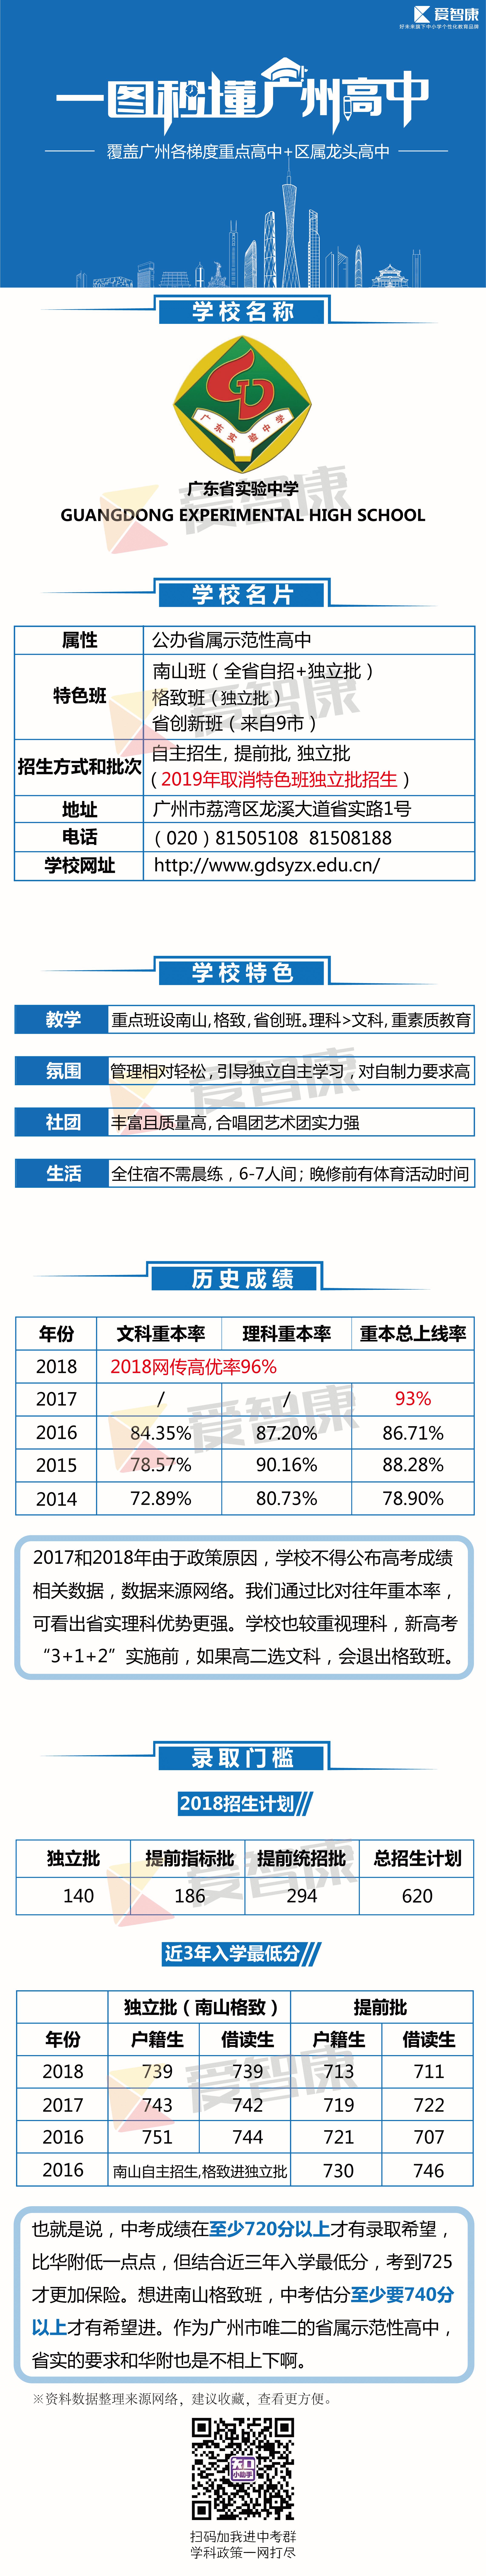 广东省实验中学学习环境、历史成绩、录取分数